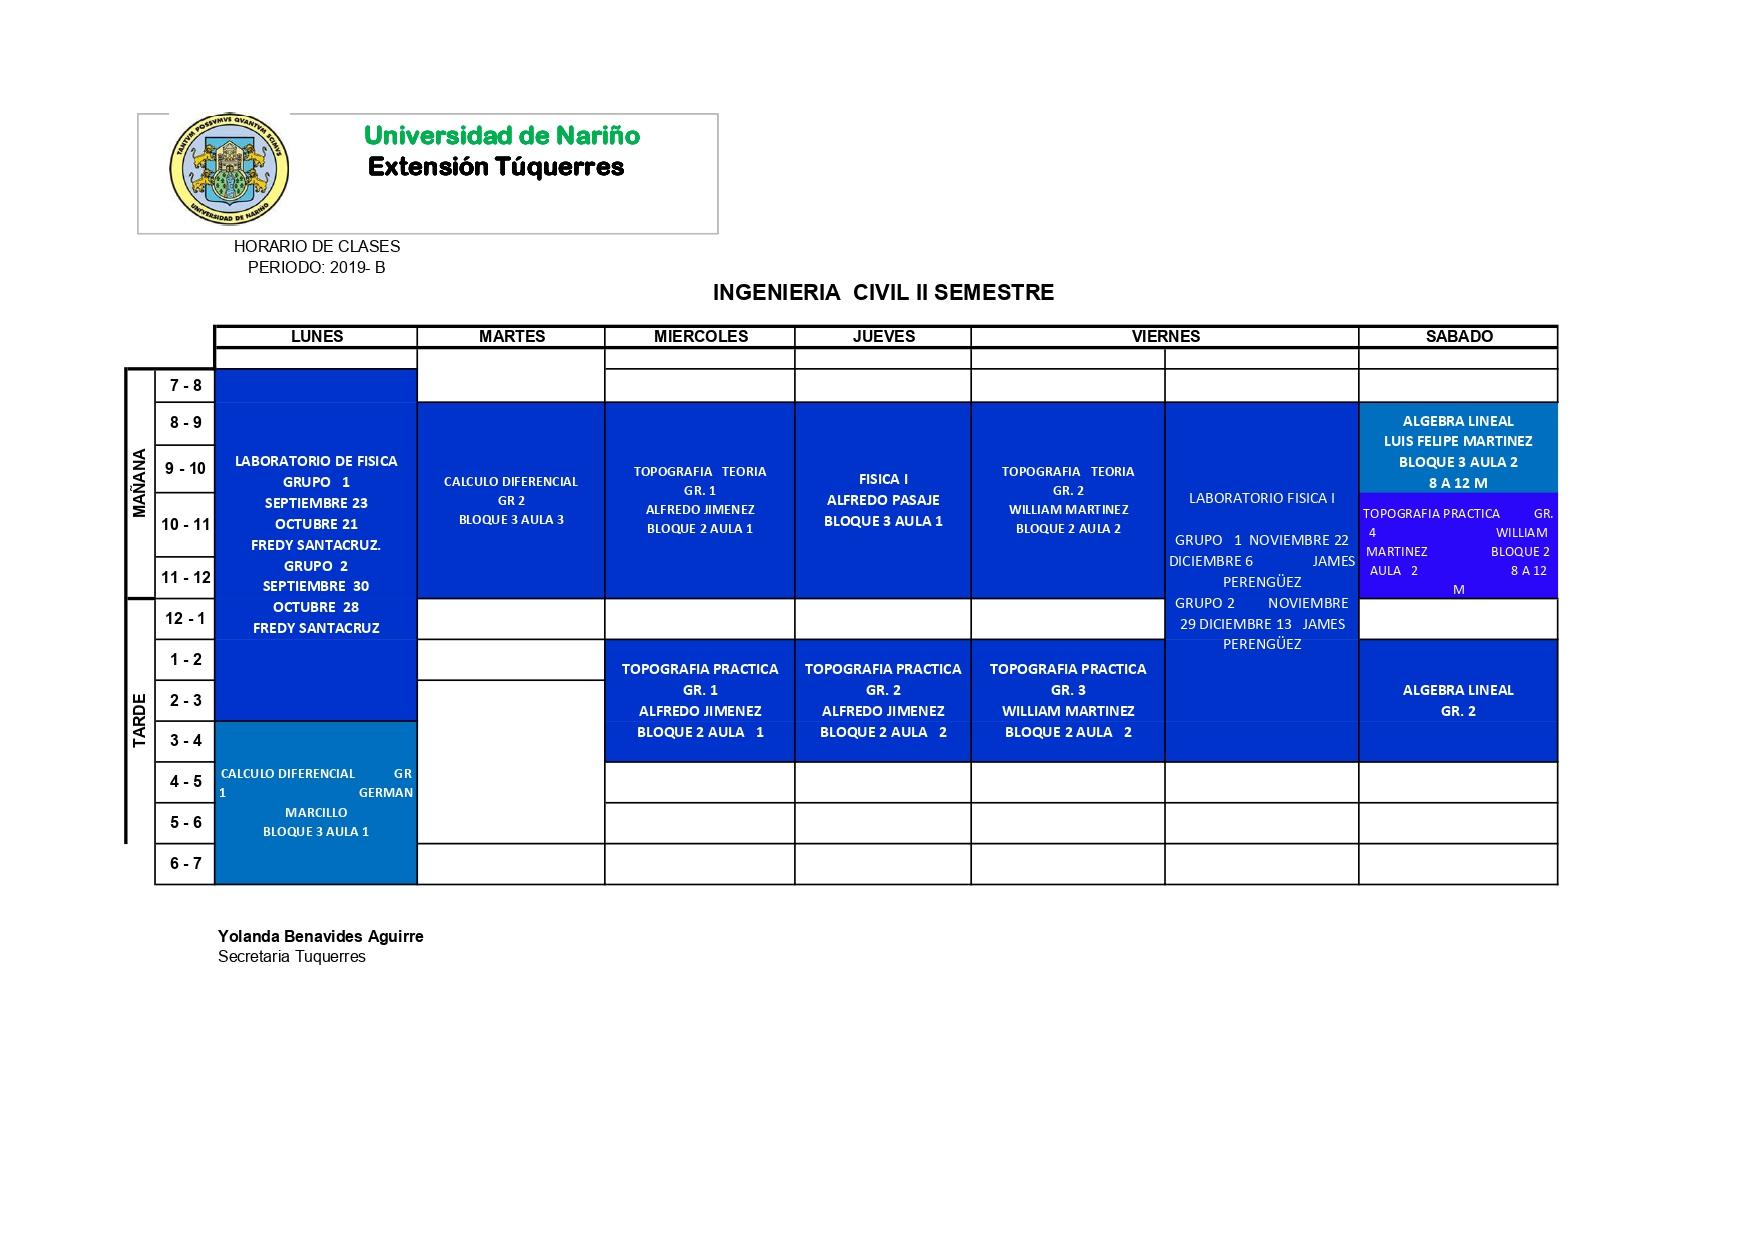 Proyecccion Horarios B - 2019 CIVIL II SEMESTRE_page-0001